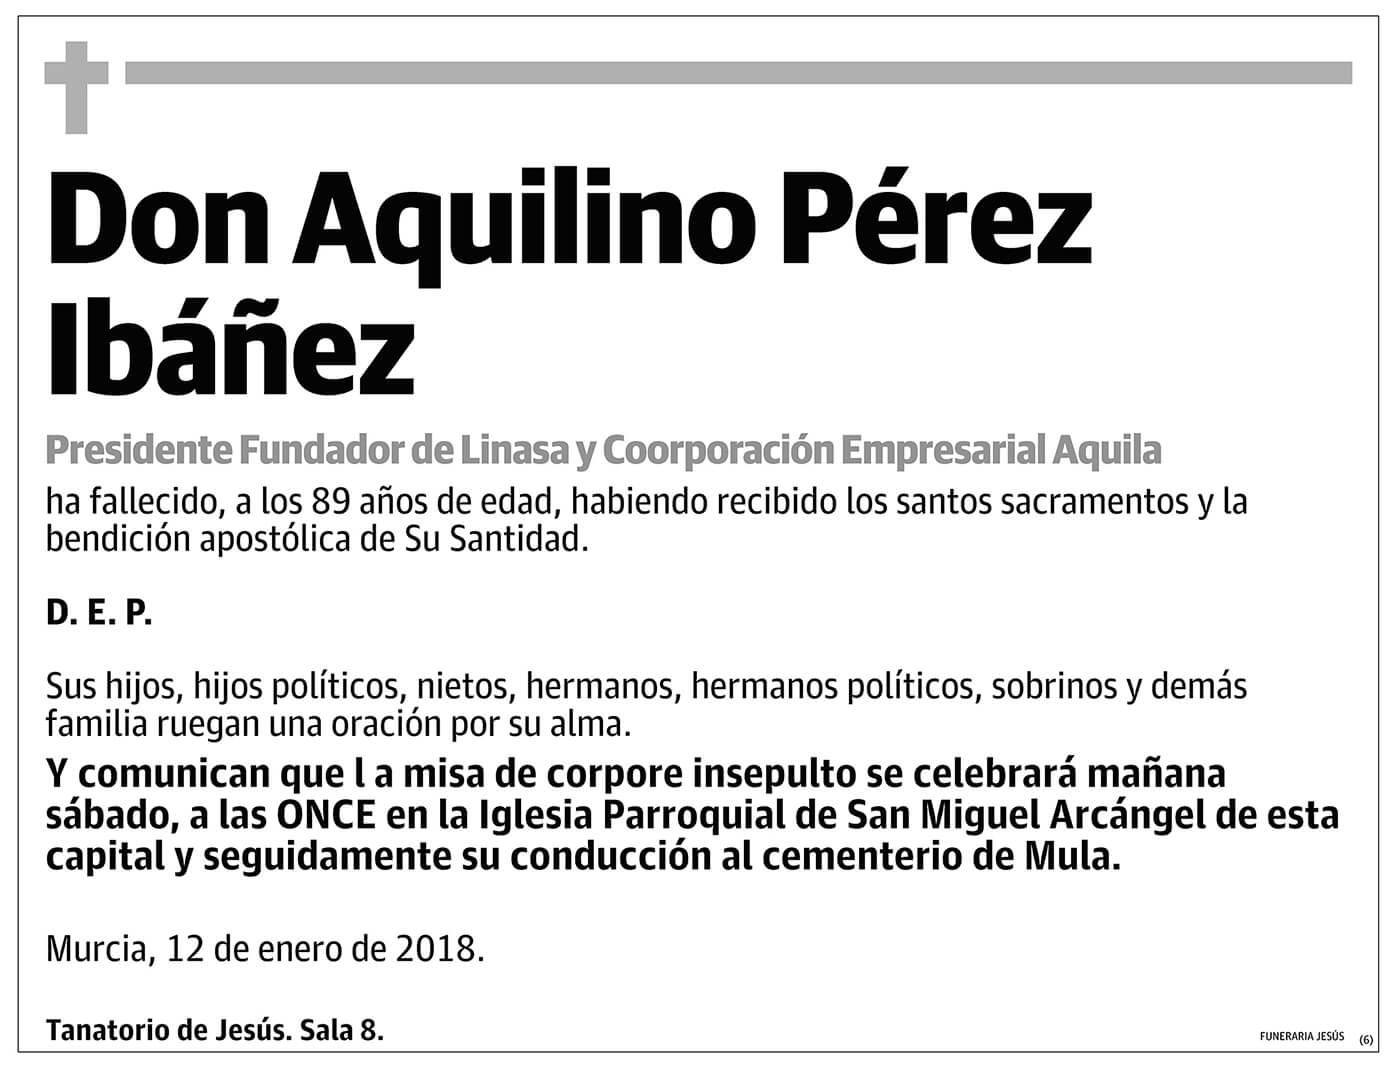 Aquilino Pérez Ibáñez